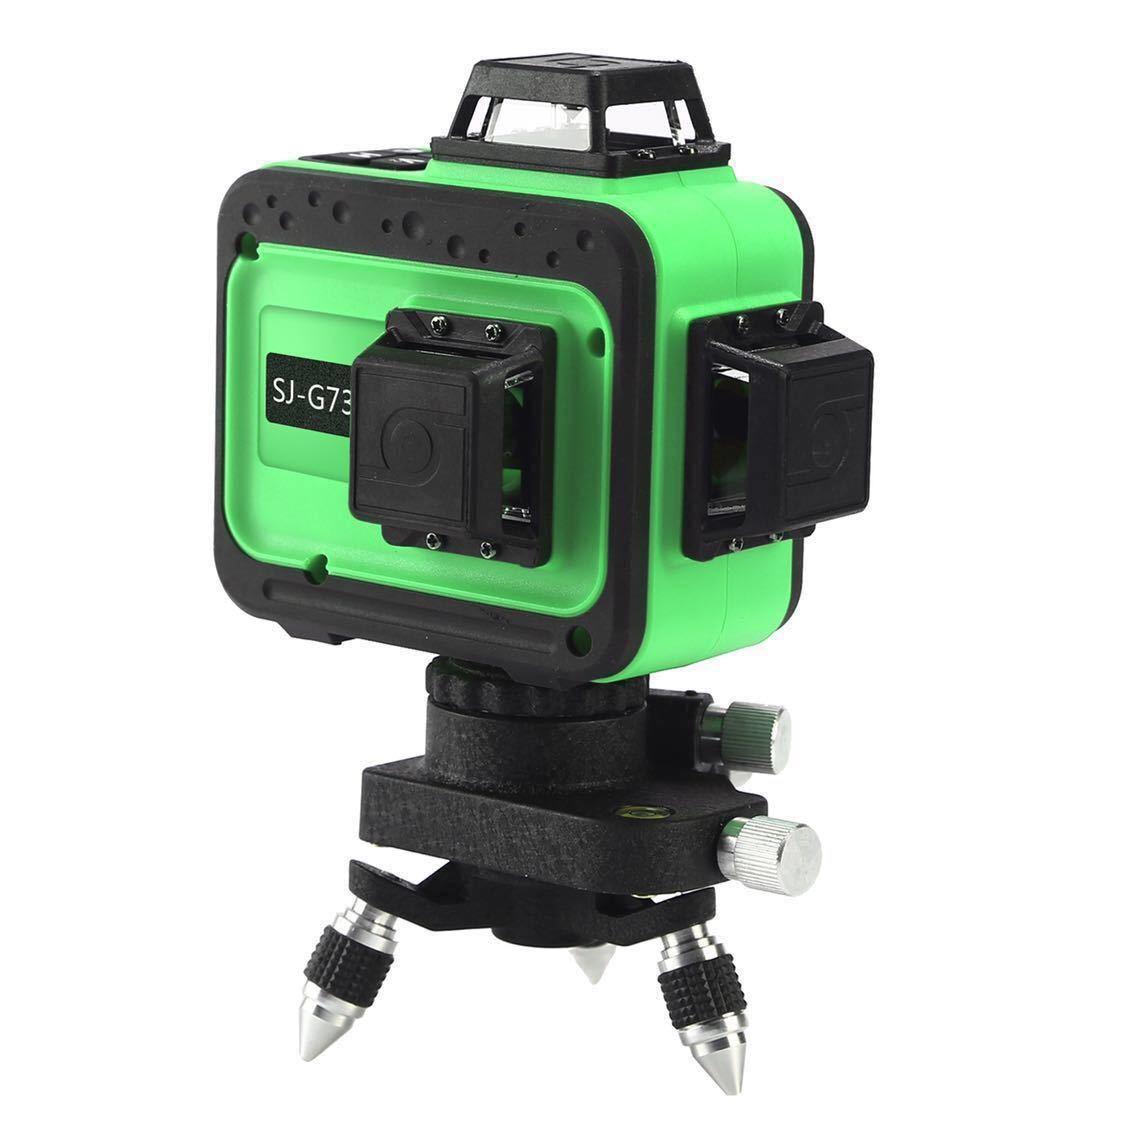 最新型 3D LASER 12ライン フルライングリーンレーザー墨出し器 360°垂直*2・360°水平*1グリーンレーザー墨出し器 レーザーレベル 水平器_画像2